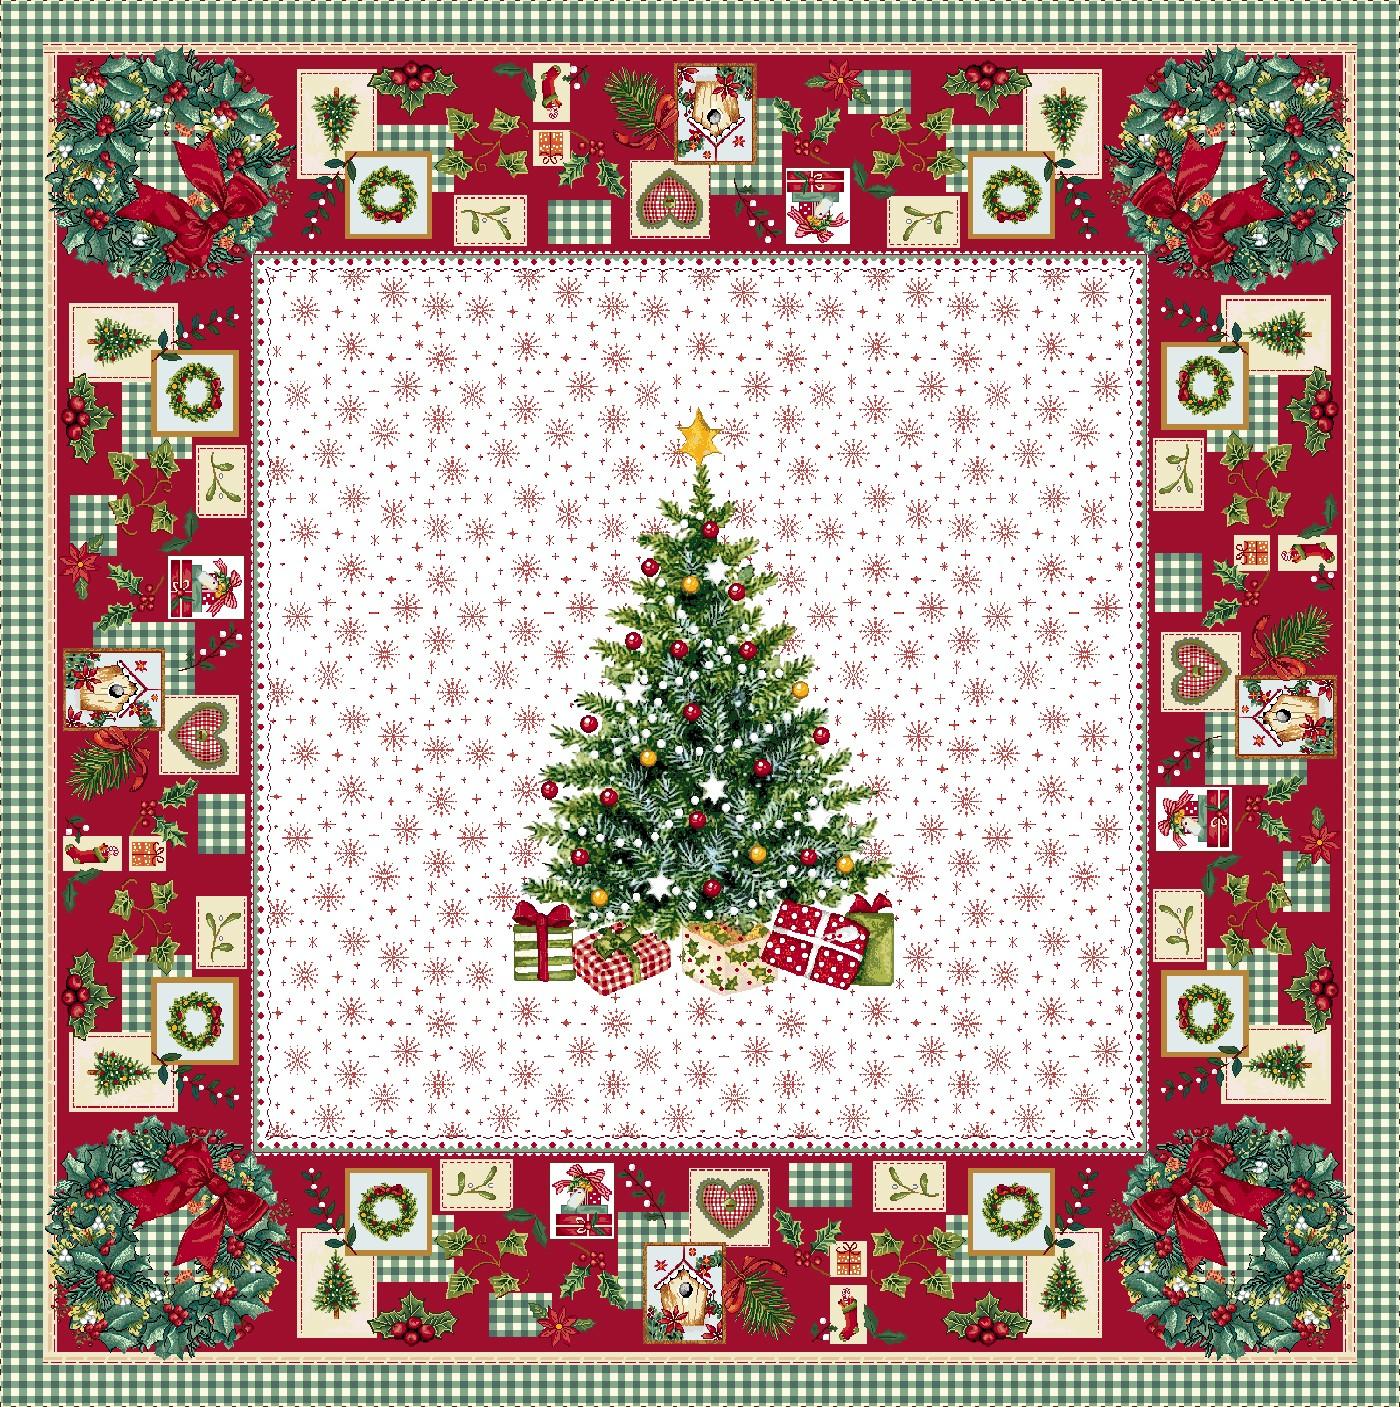 Χριστουγεννιάτικο Τραπεζομάντηλο 140x140 Vassiliadis Ilusione Lurex